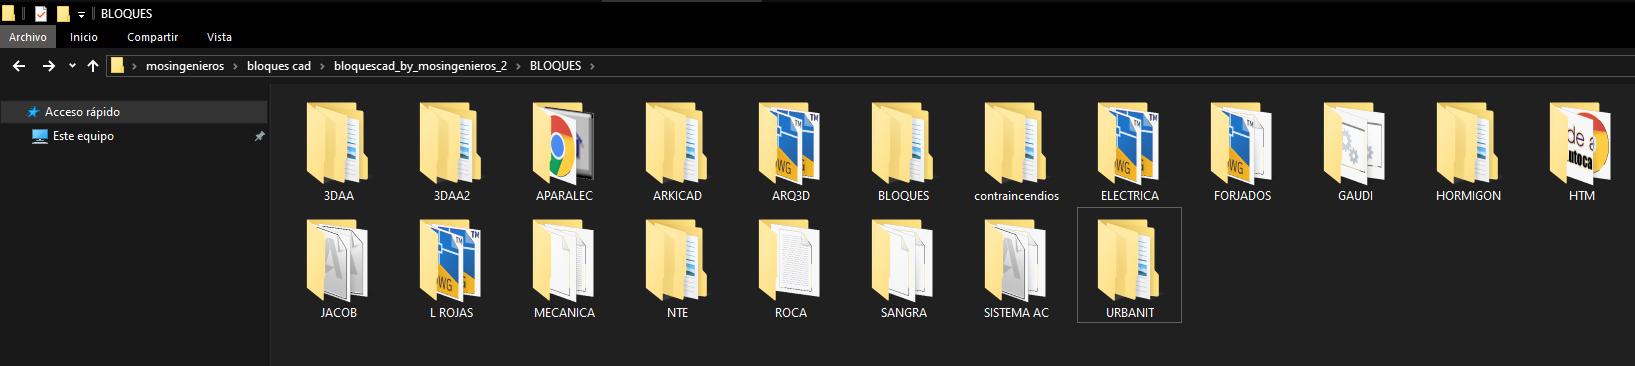 block folders